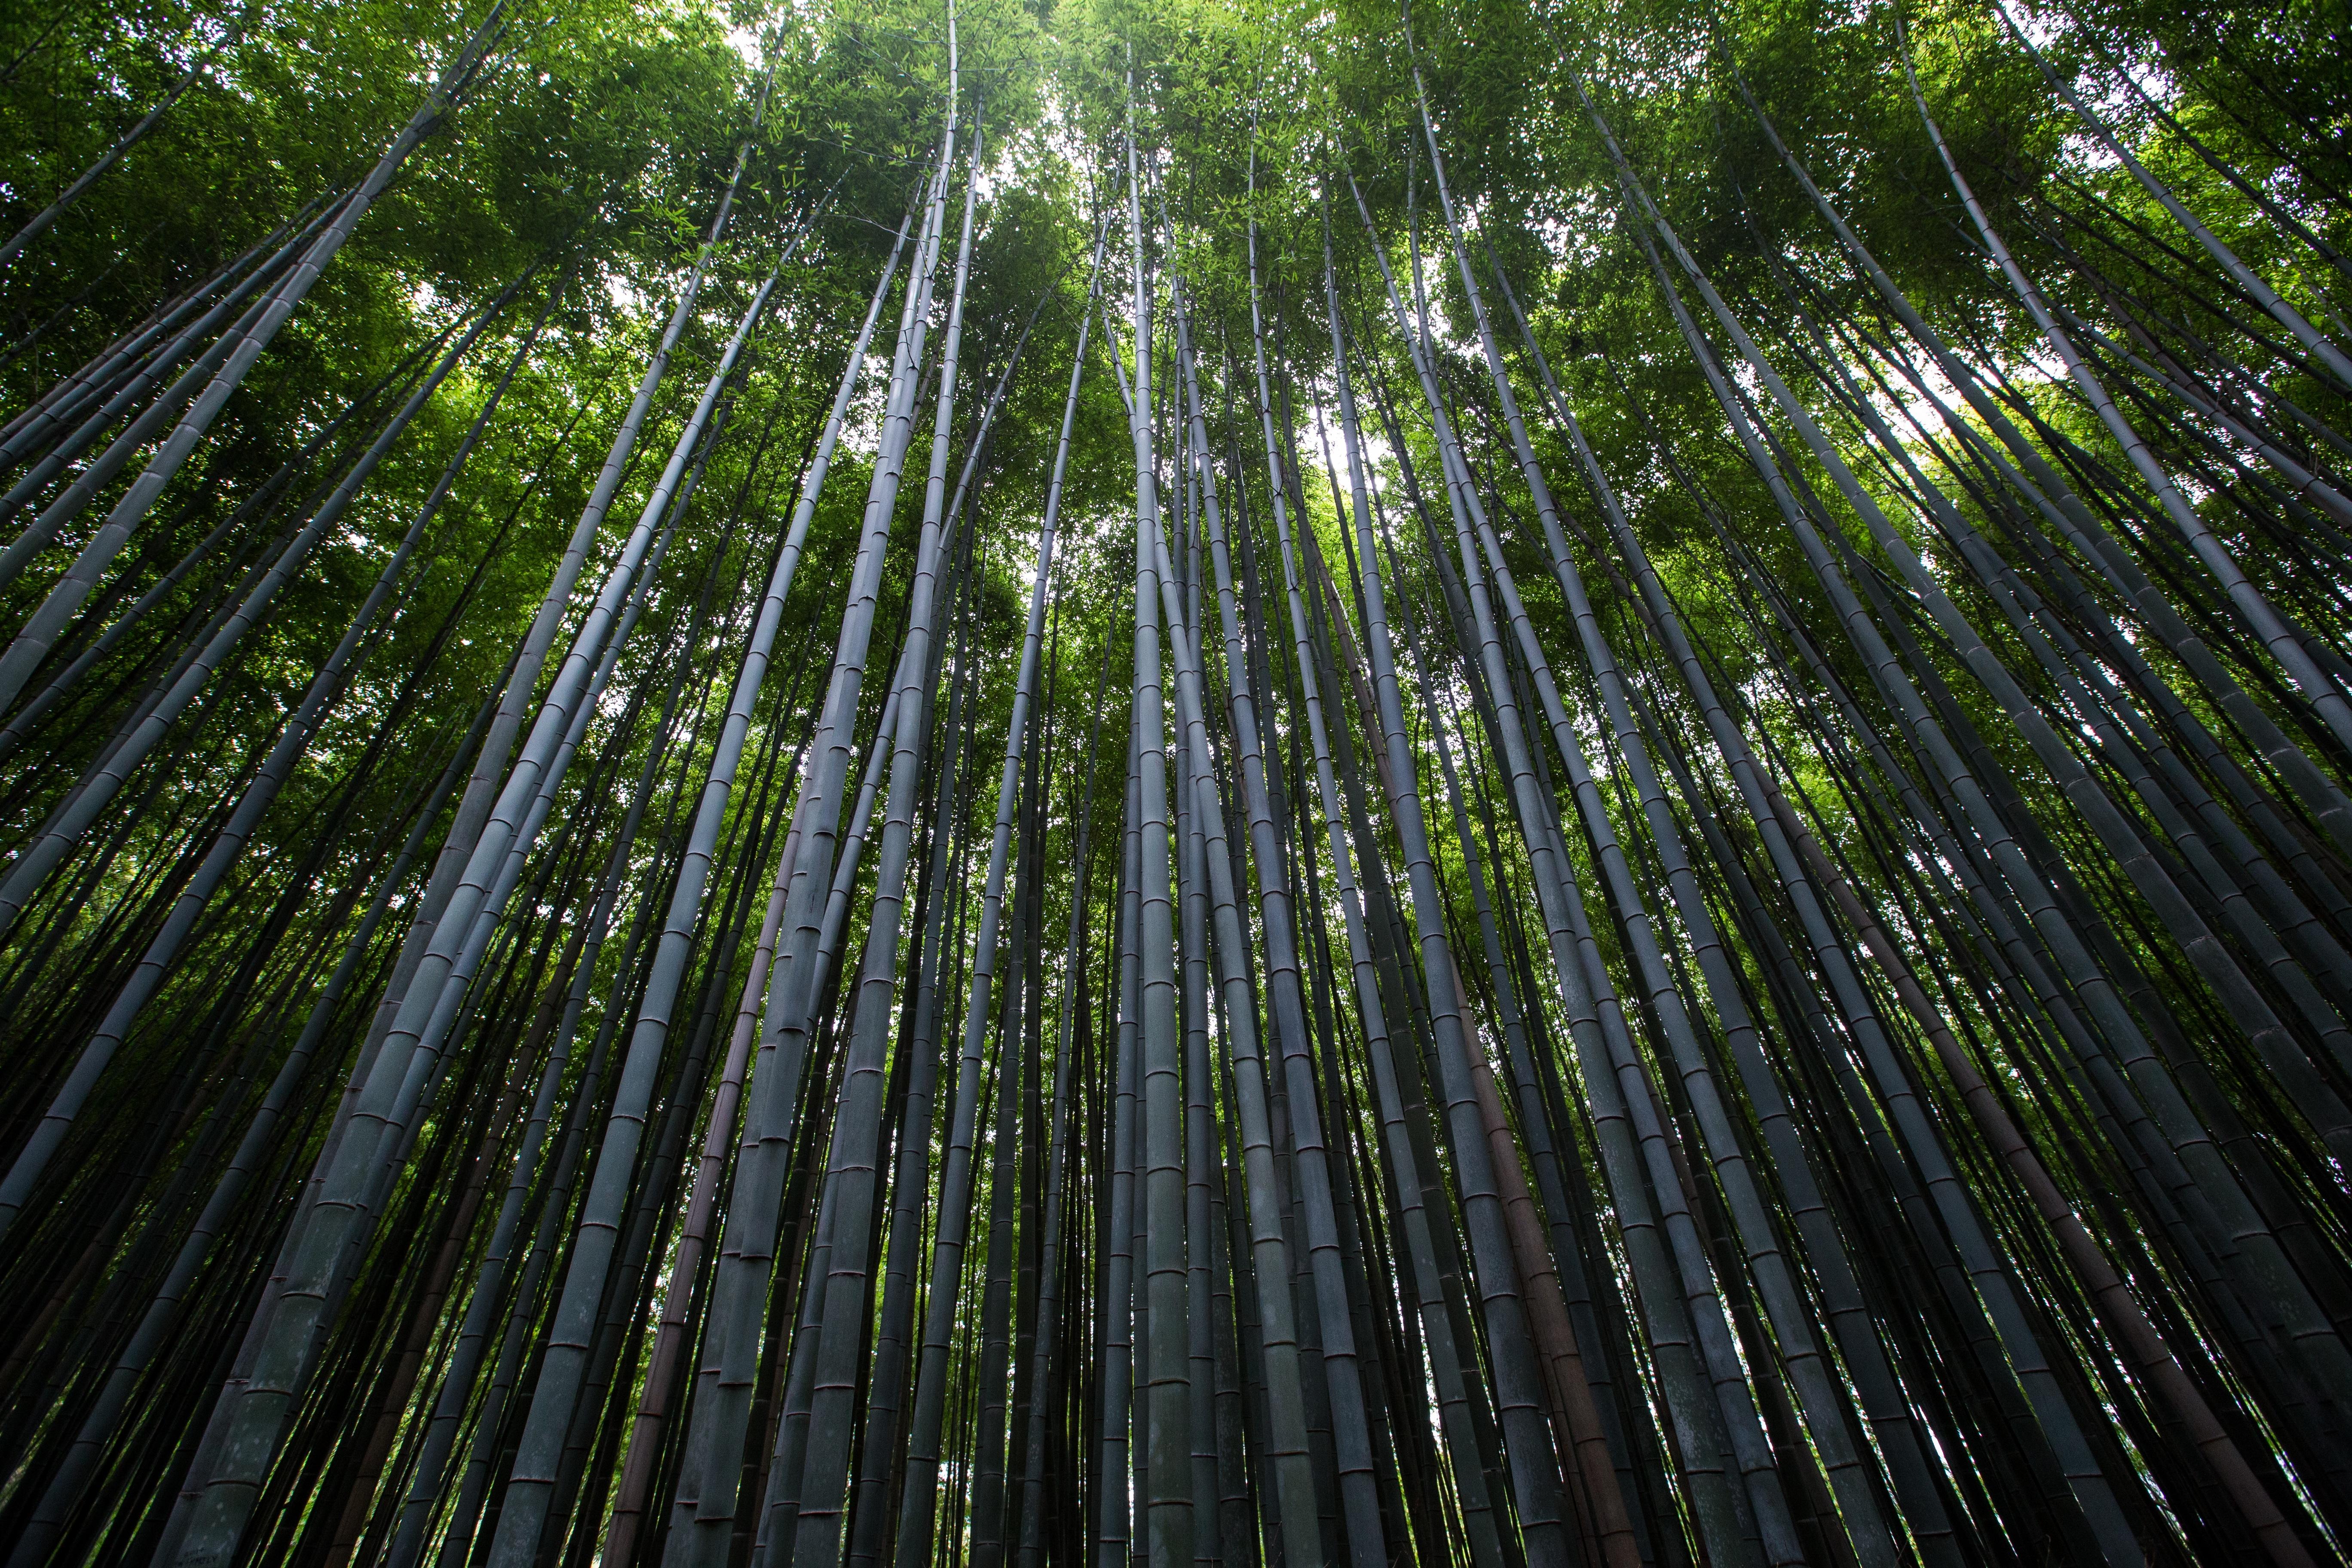 Images gratuites paysage arbre herbe branche lumi re for Plante jungle